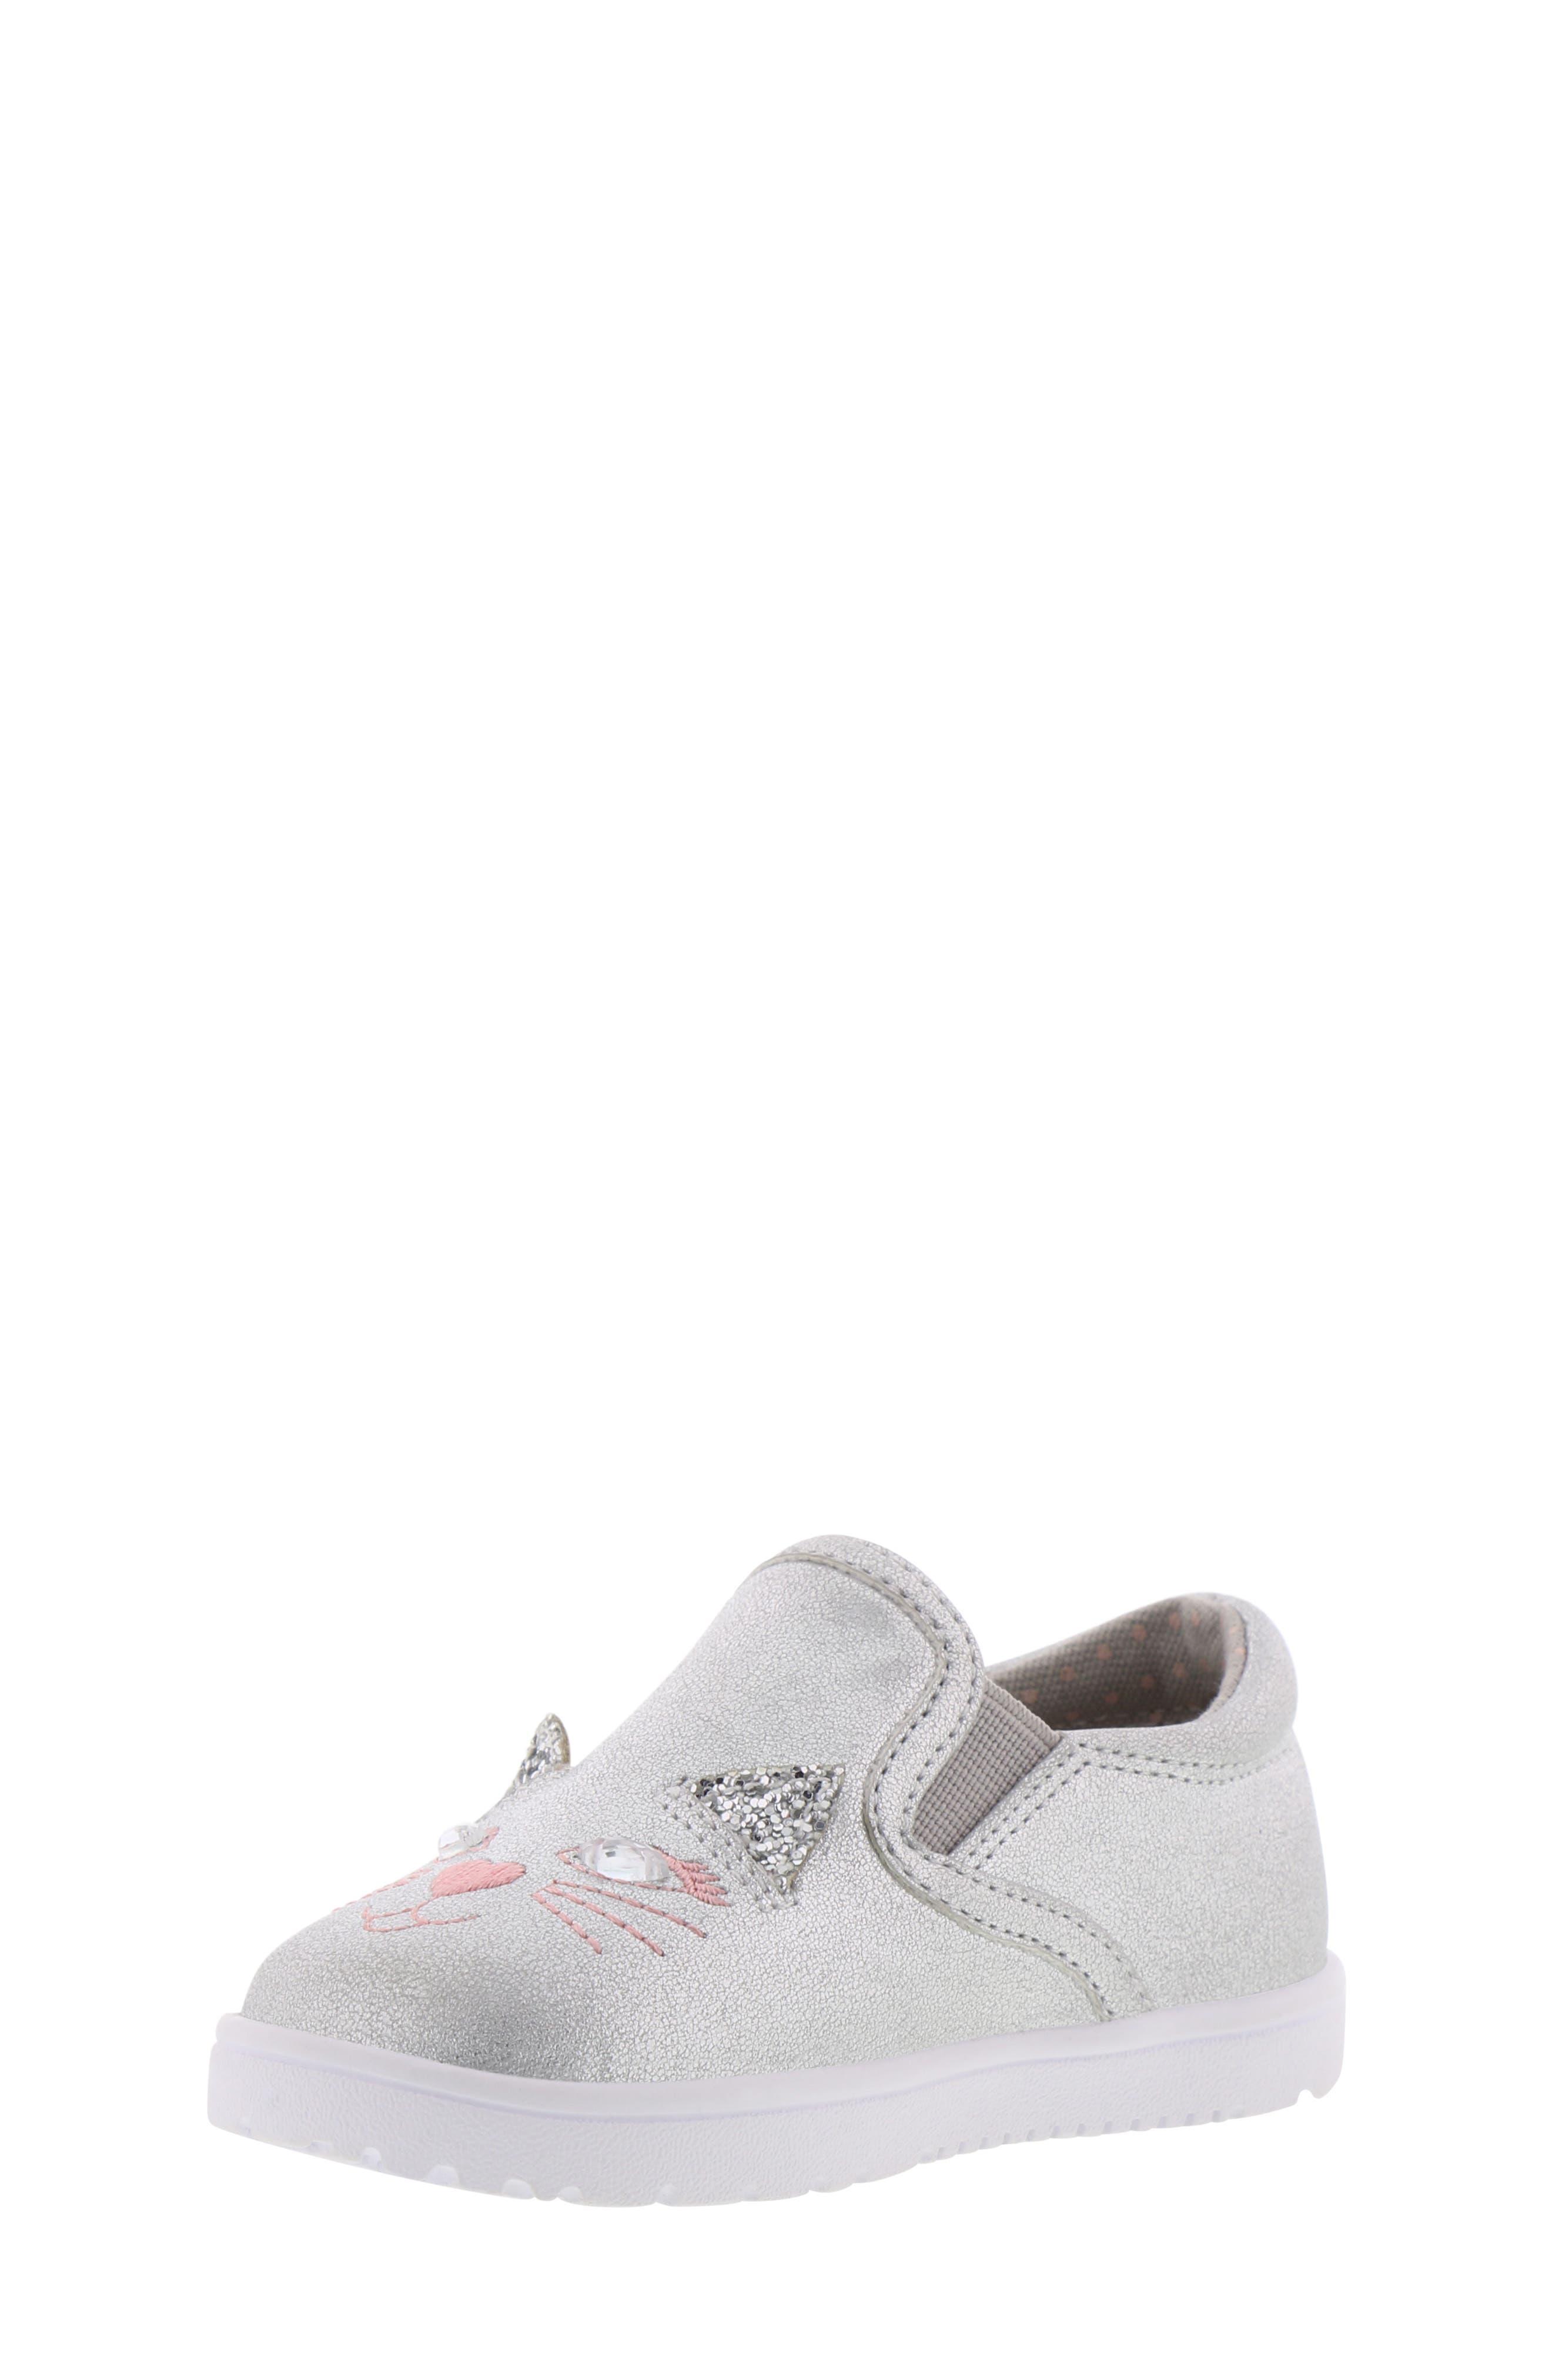 BØRN, Bailey Jaslyna Slip-On Glitter Sneaker, Alternate thumbnail 8, color, SILVER